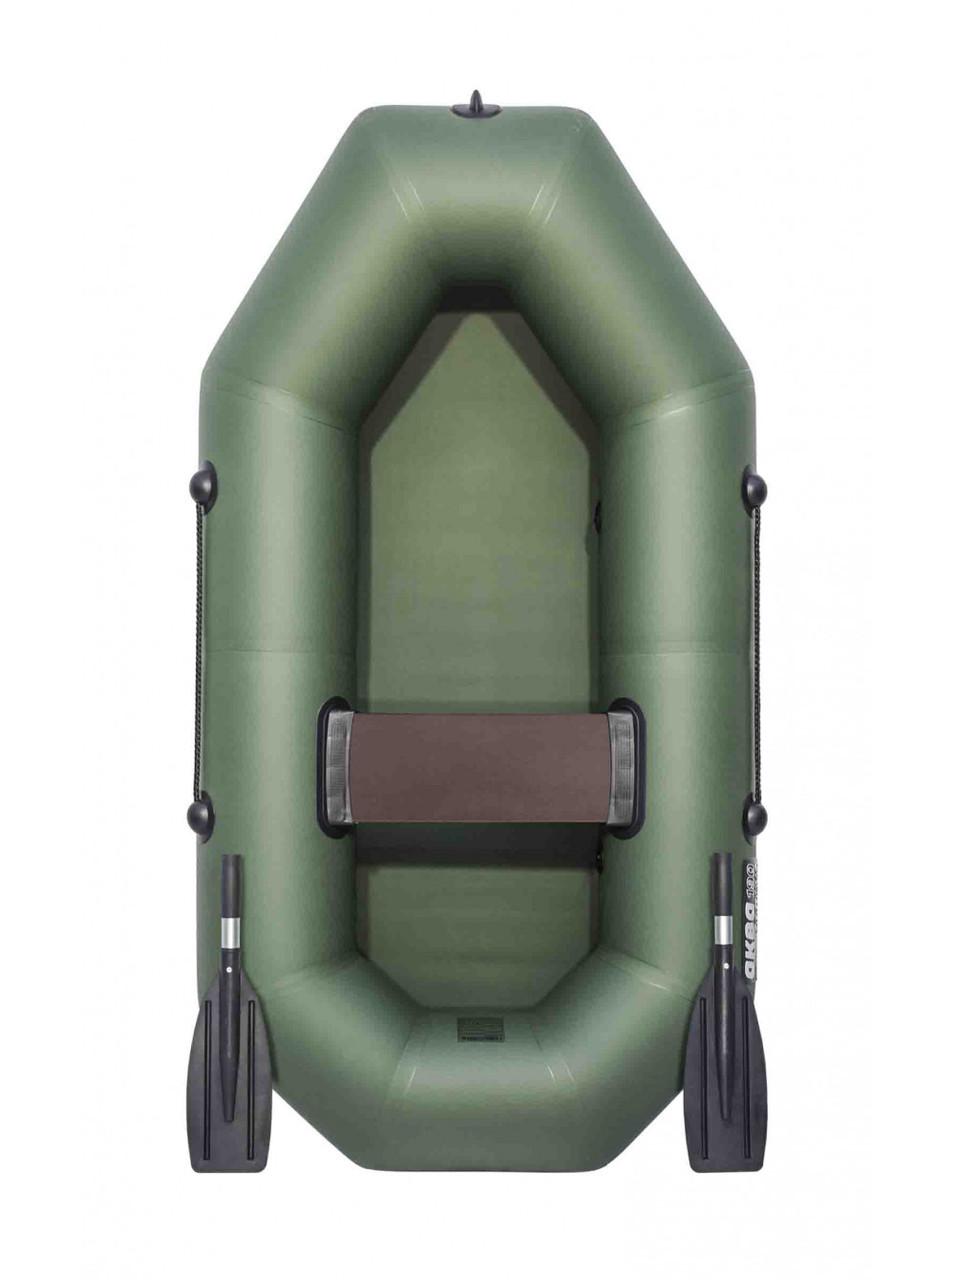 Лодка АКВА-ОПТИМА 190 зеленая